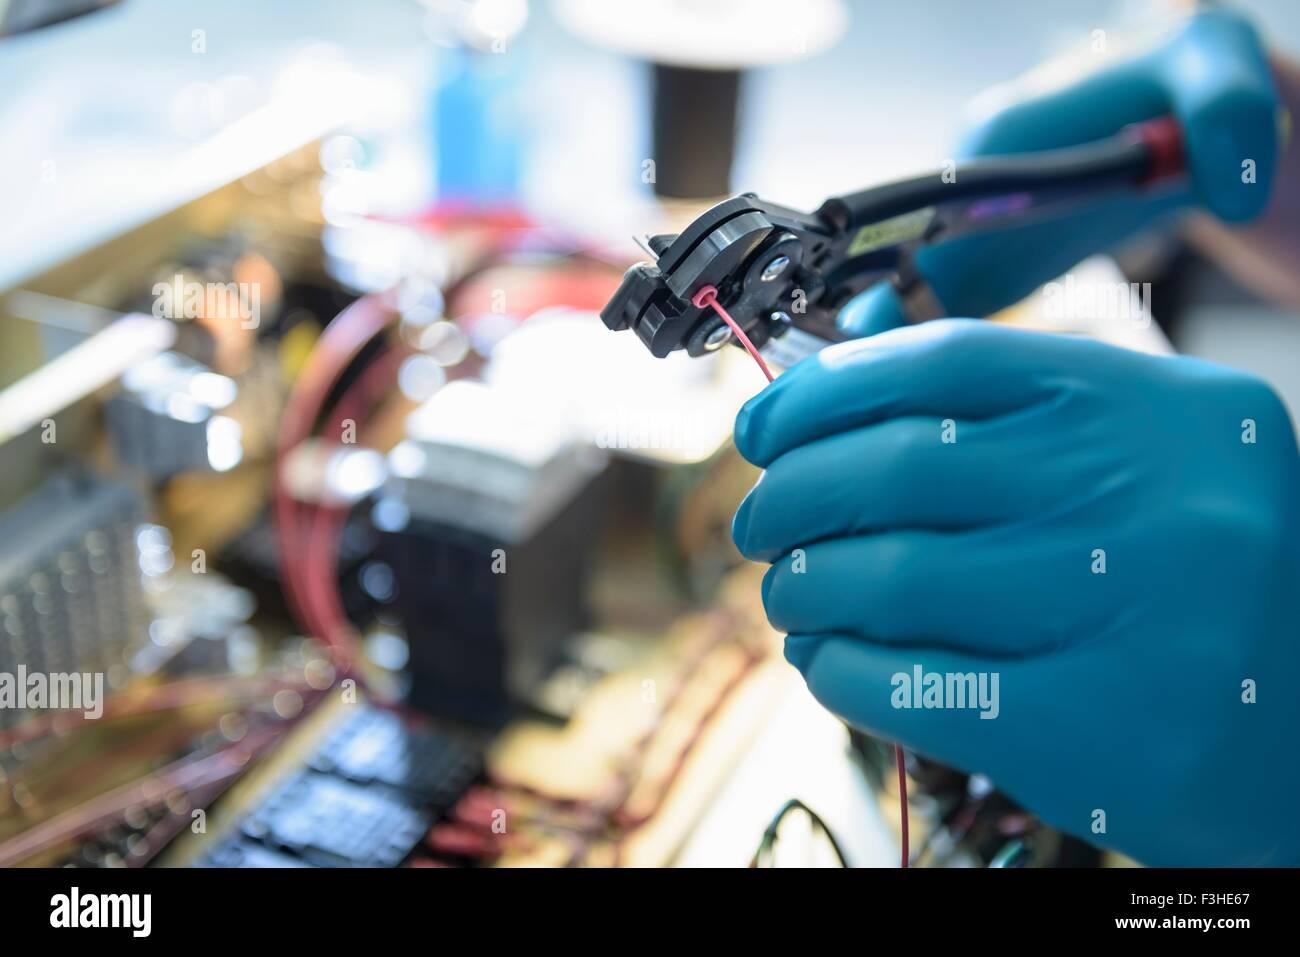 L'assemblage en électronique électronique travailleur usine, se concentrer sur les mains Photo Stock